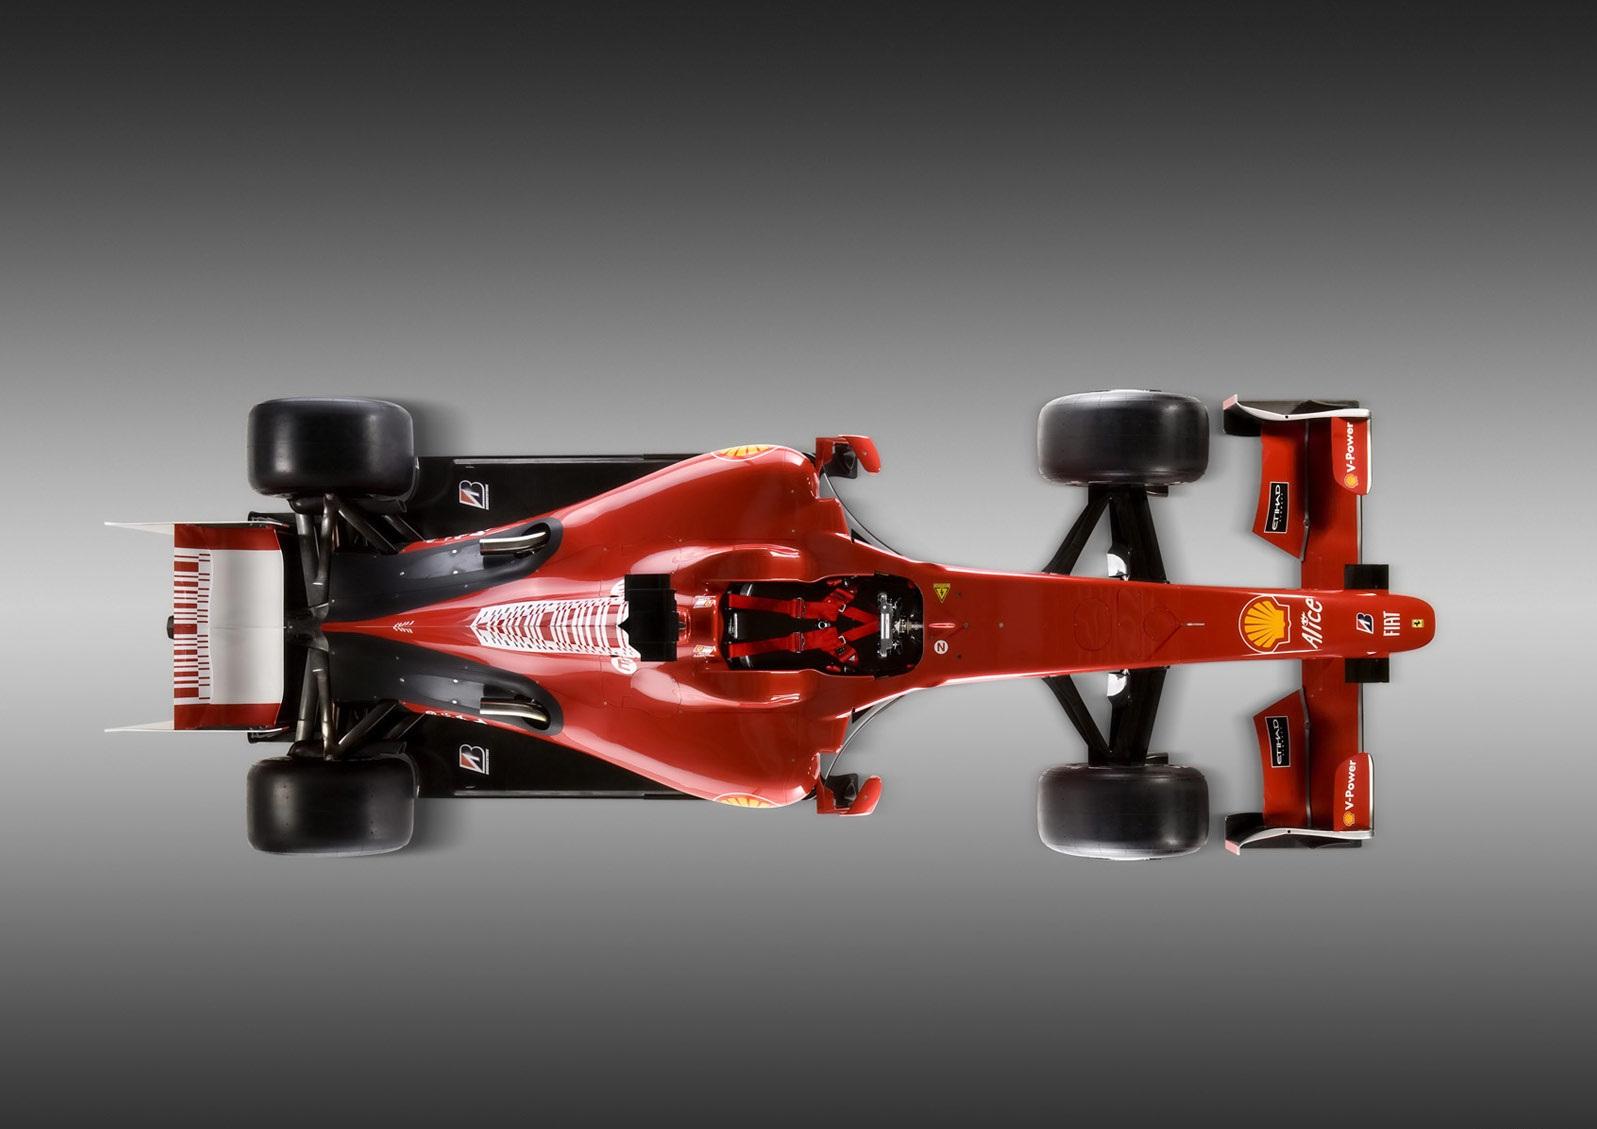 http://2.bp.blogspot.com/-YQkRSE6F8wo/TcaVuW9avtI/AAAAAAAAAPQ/upQJp4Fygto/s1600/Ferrari_F1-60_344_1600x1200.jpg